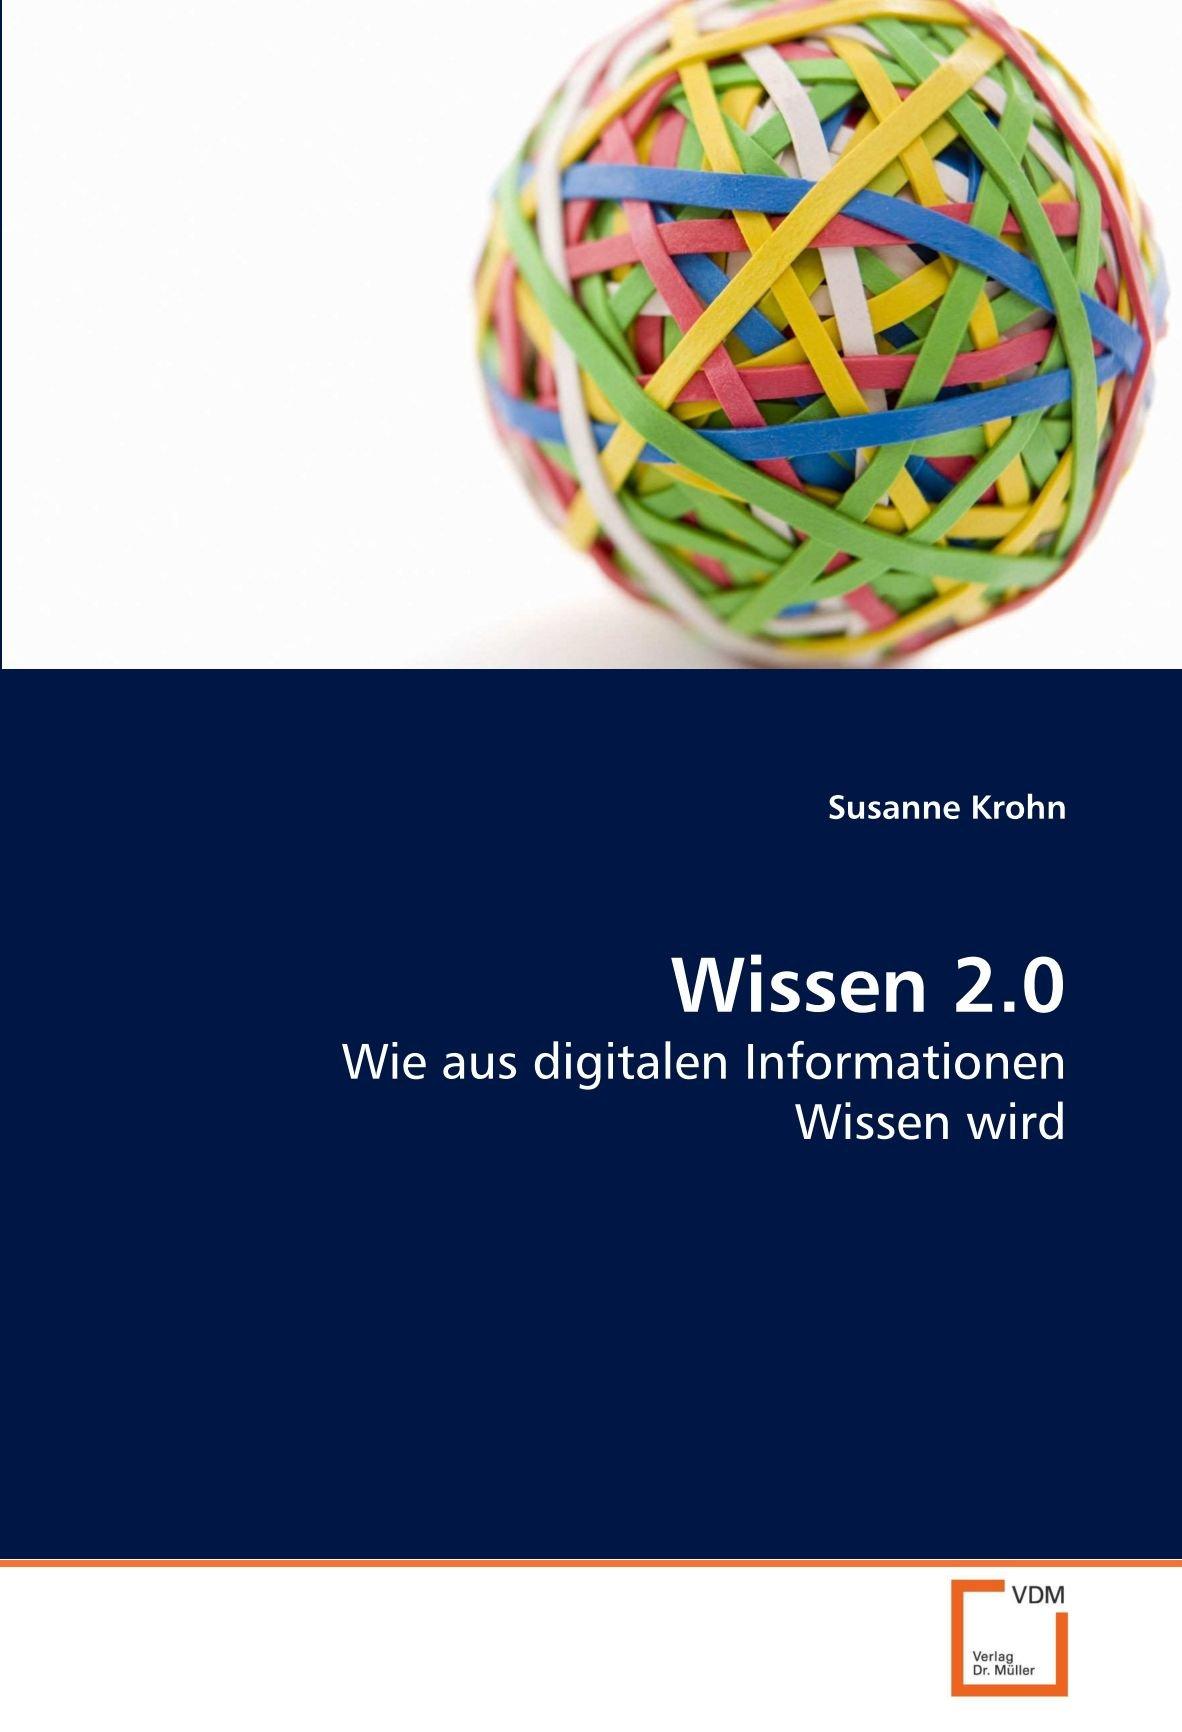 Wissen 2.0: Wie aus digitalen Informationen Wissen wird